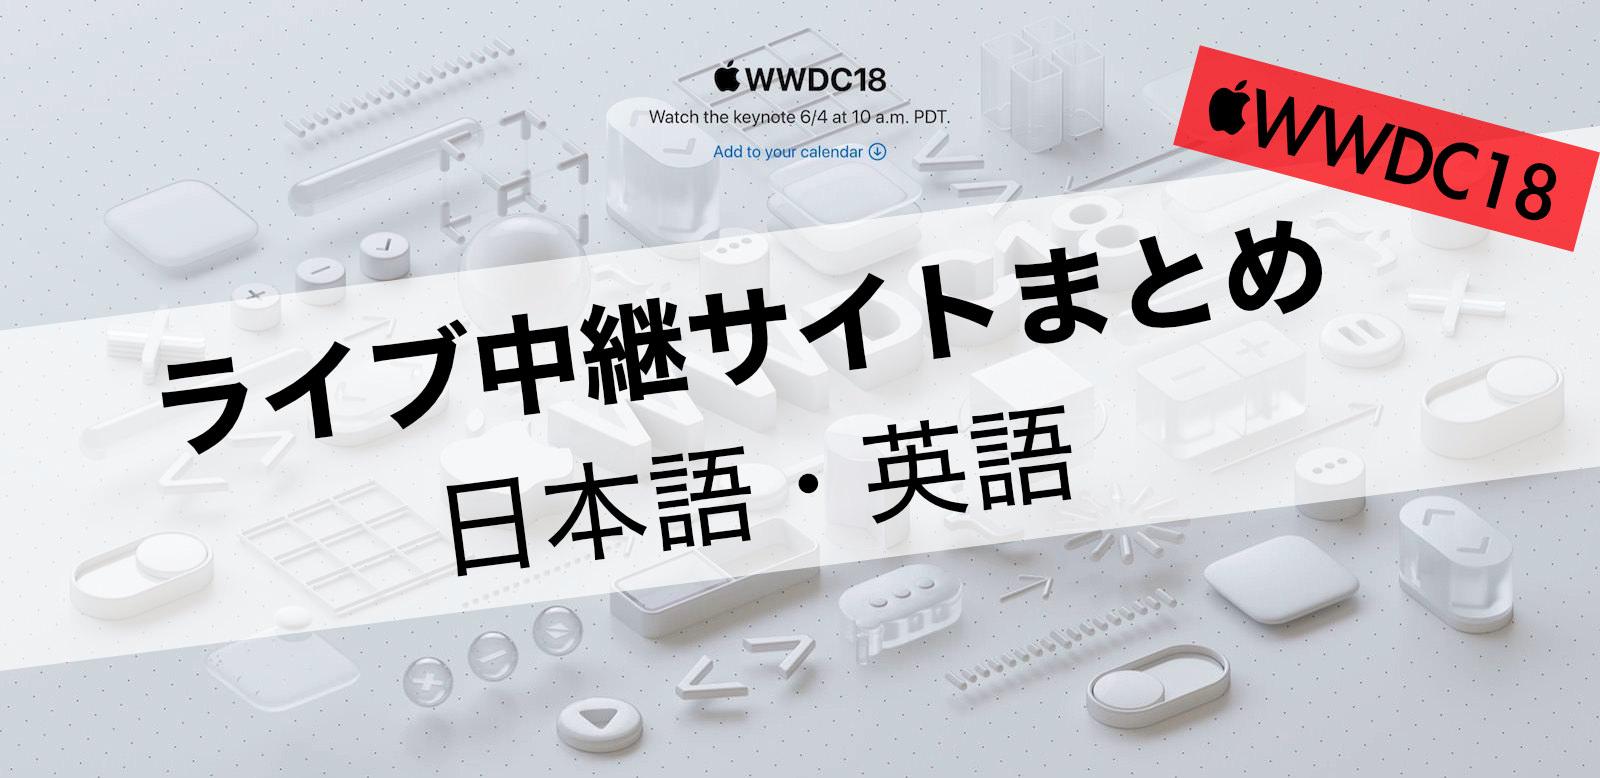 WWDC2018 live